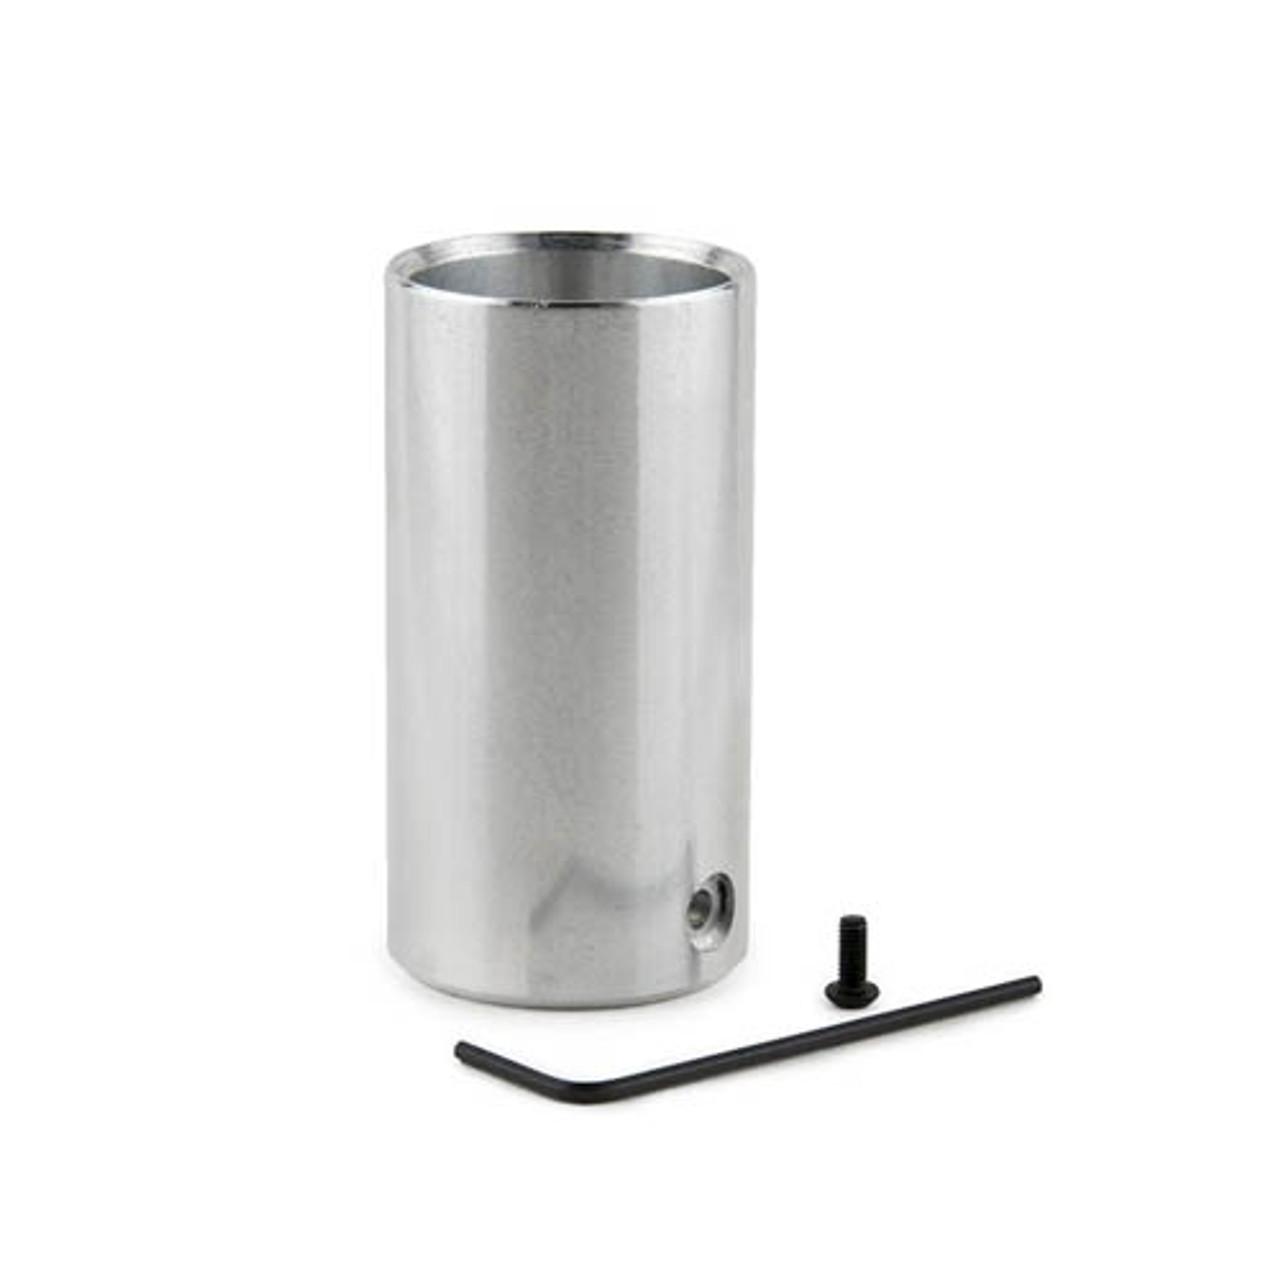 Blazer Turbo Nozzle Guard Kit